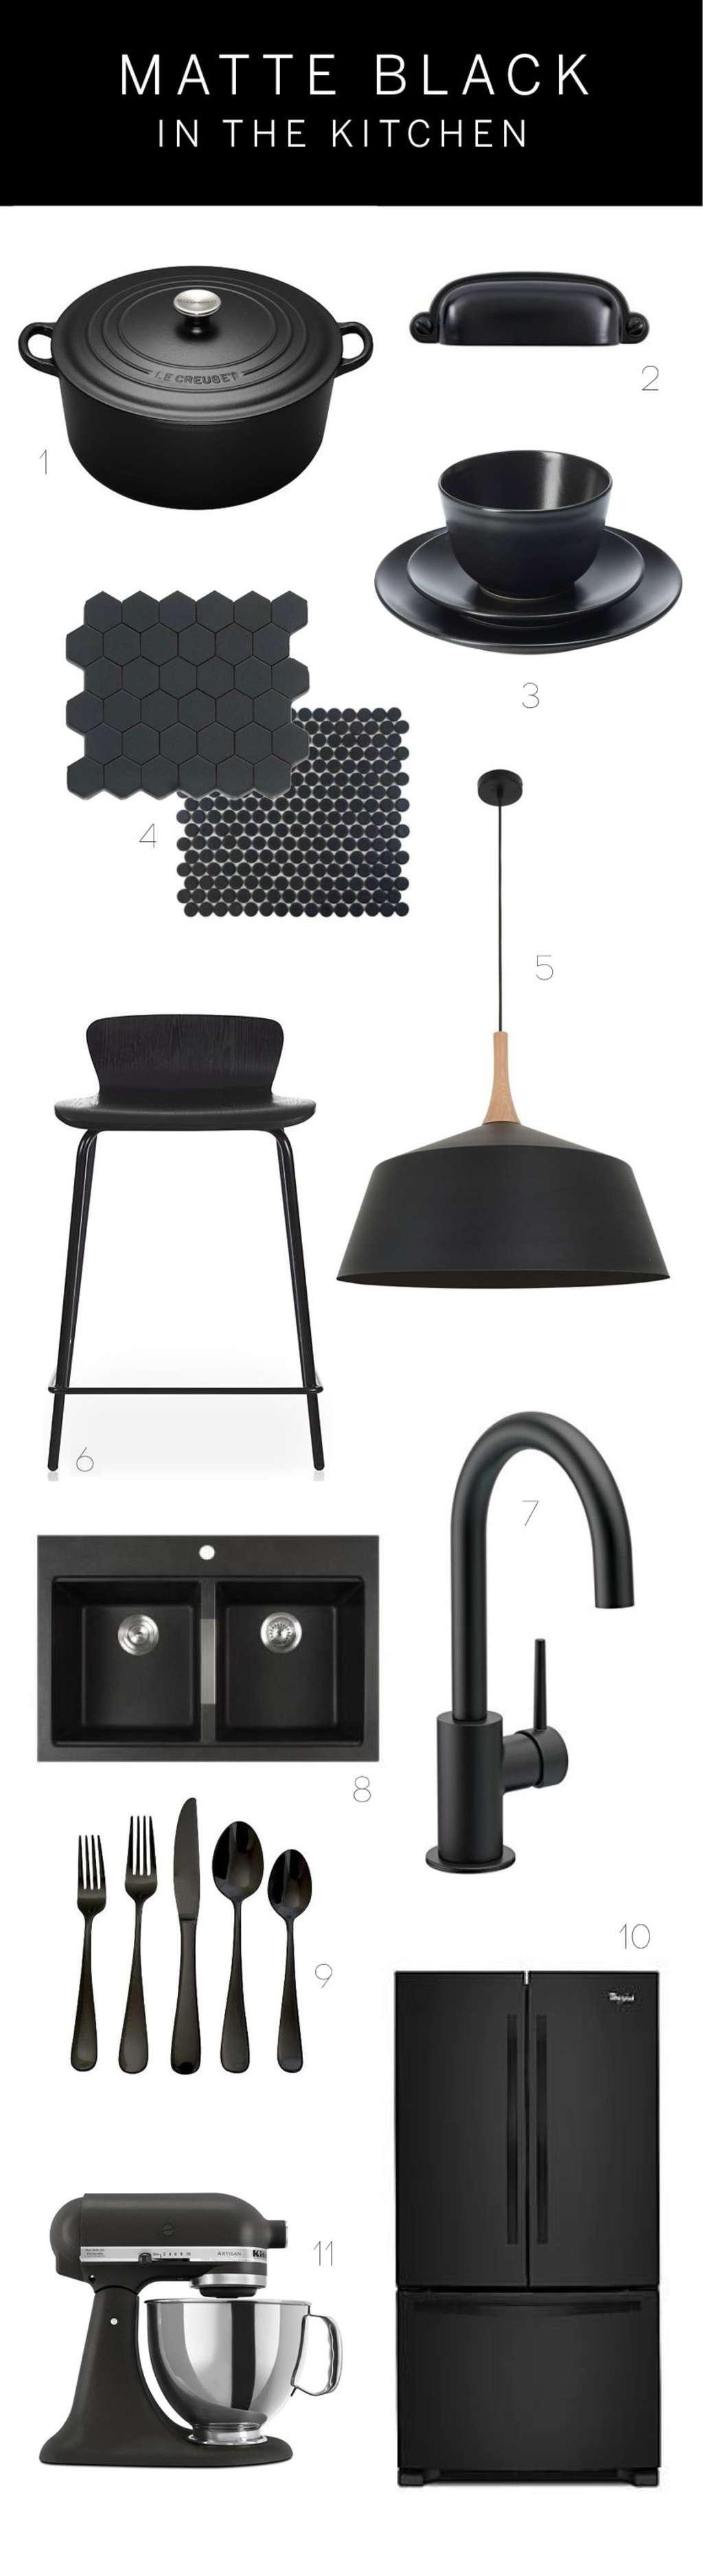 Get In My Kitchen: On Trend Matte Black Kitchen Goods